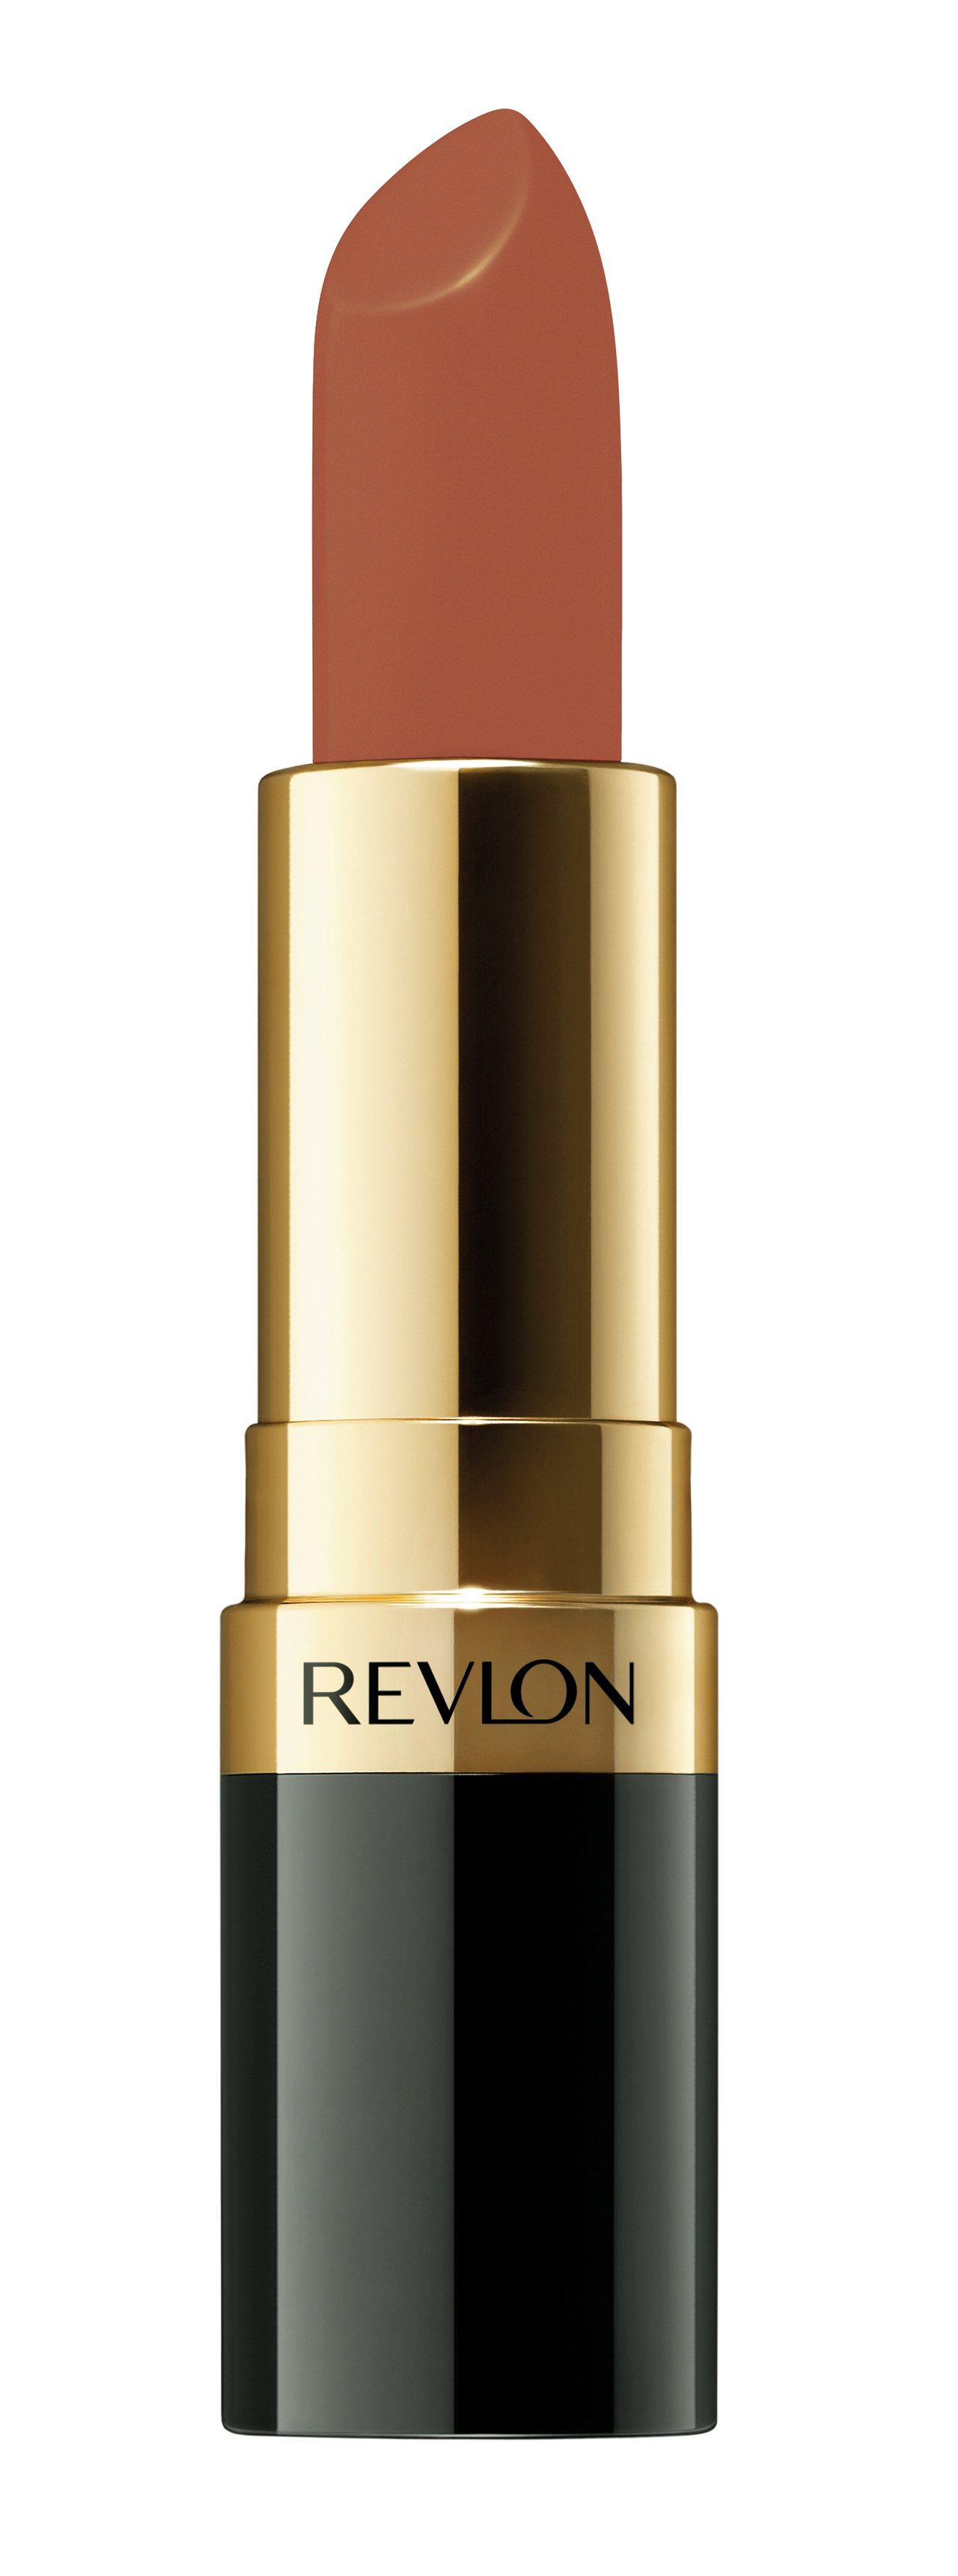 REVLON露華濃經典璀璨唇膏「240檀香氣息」。圖/露華濃提供